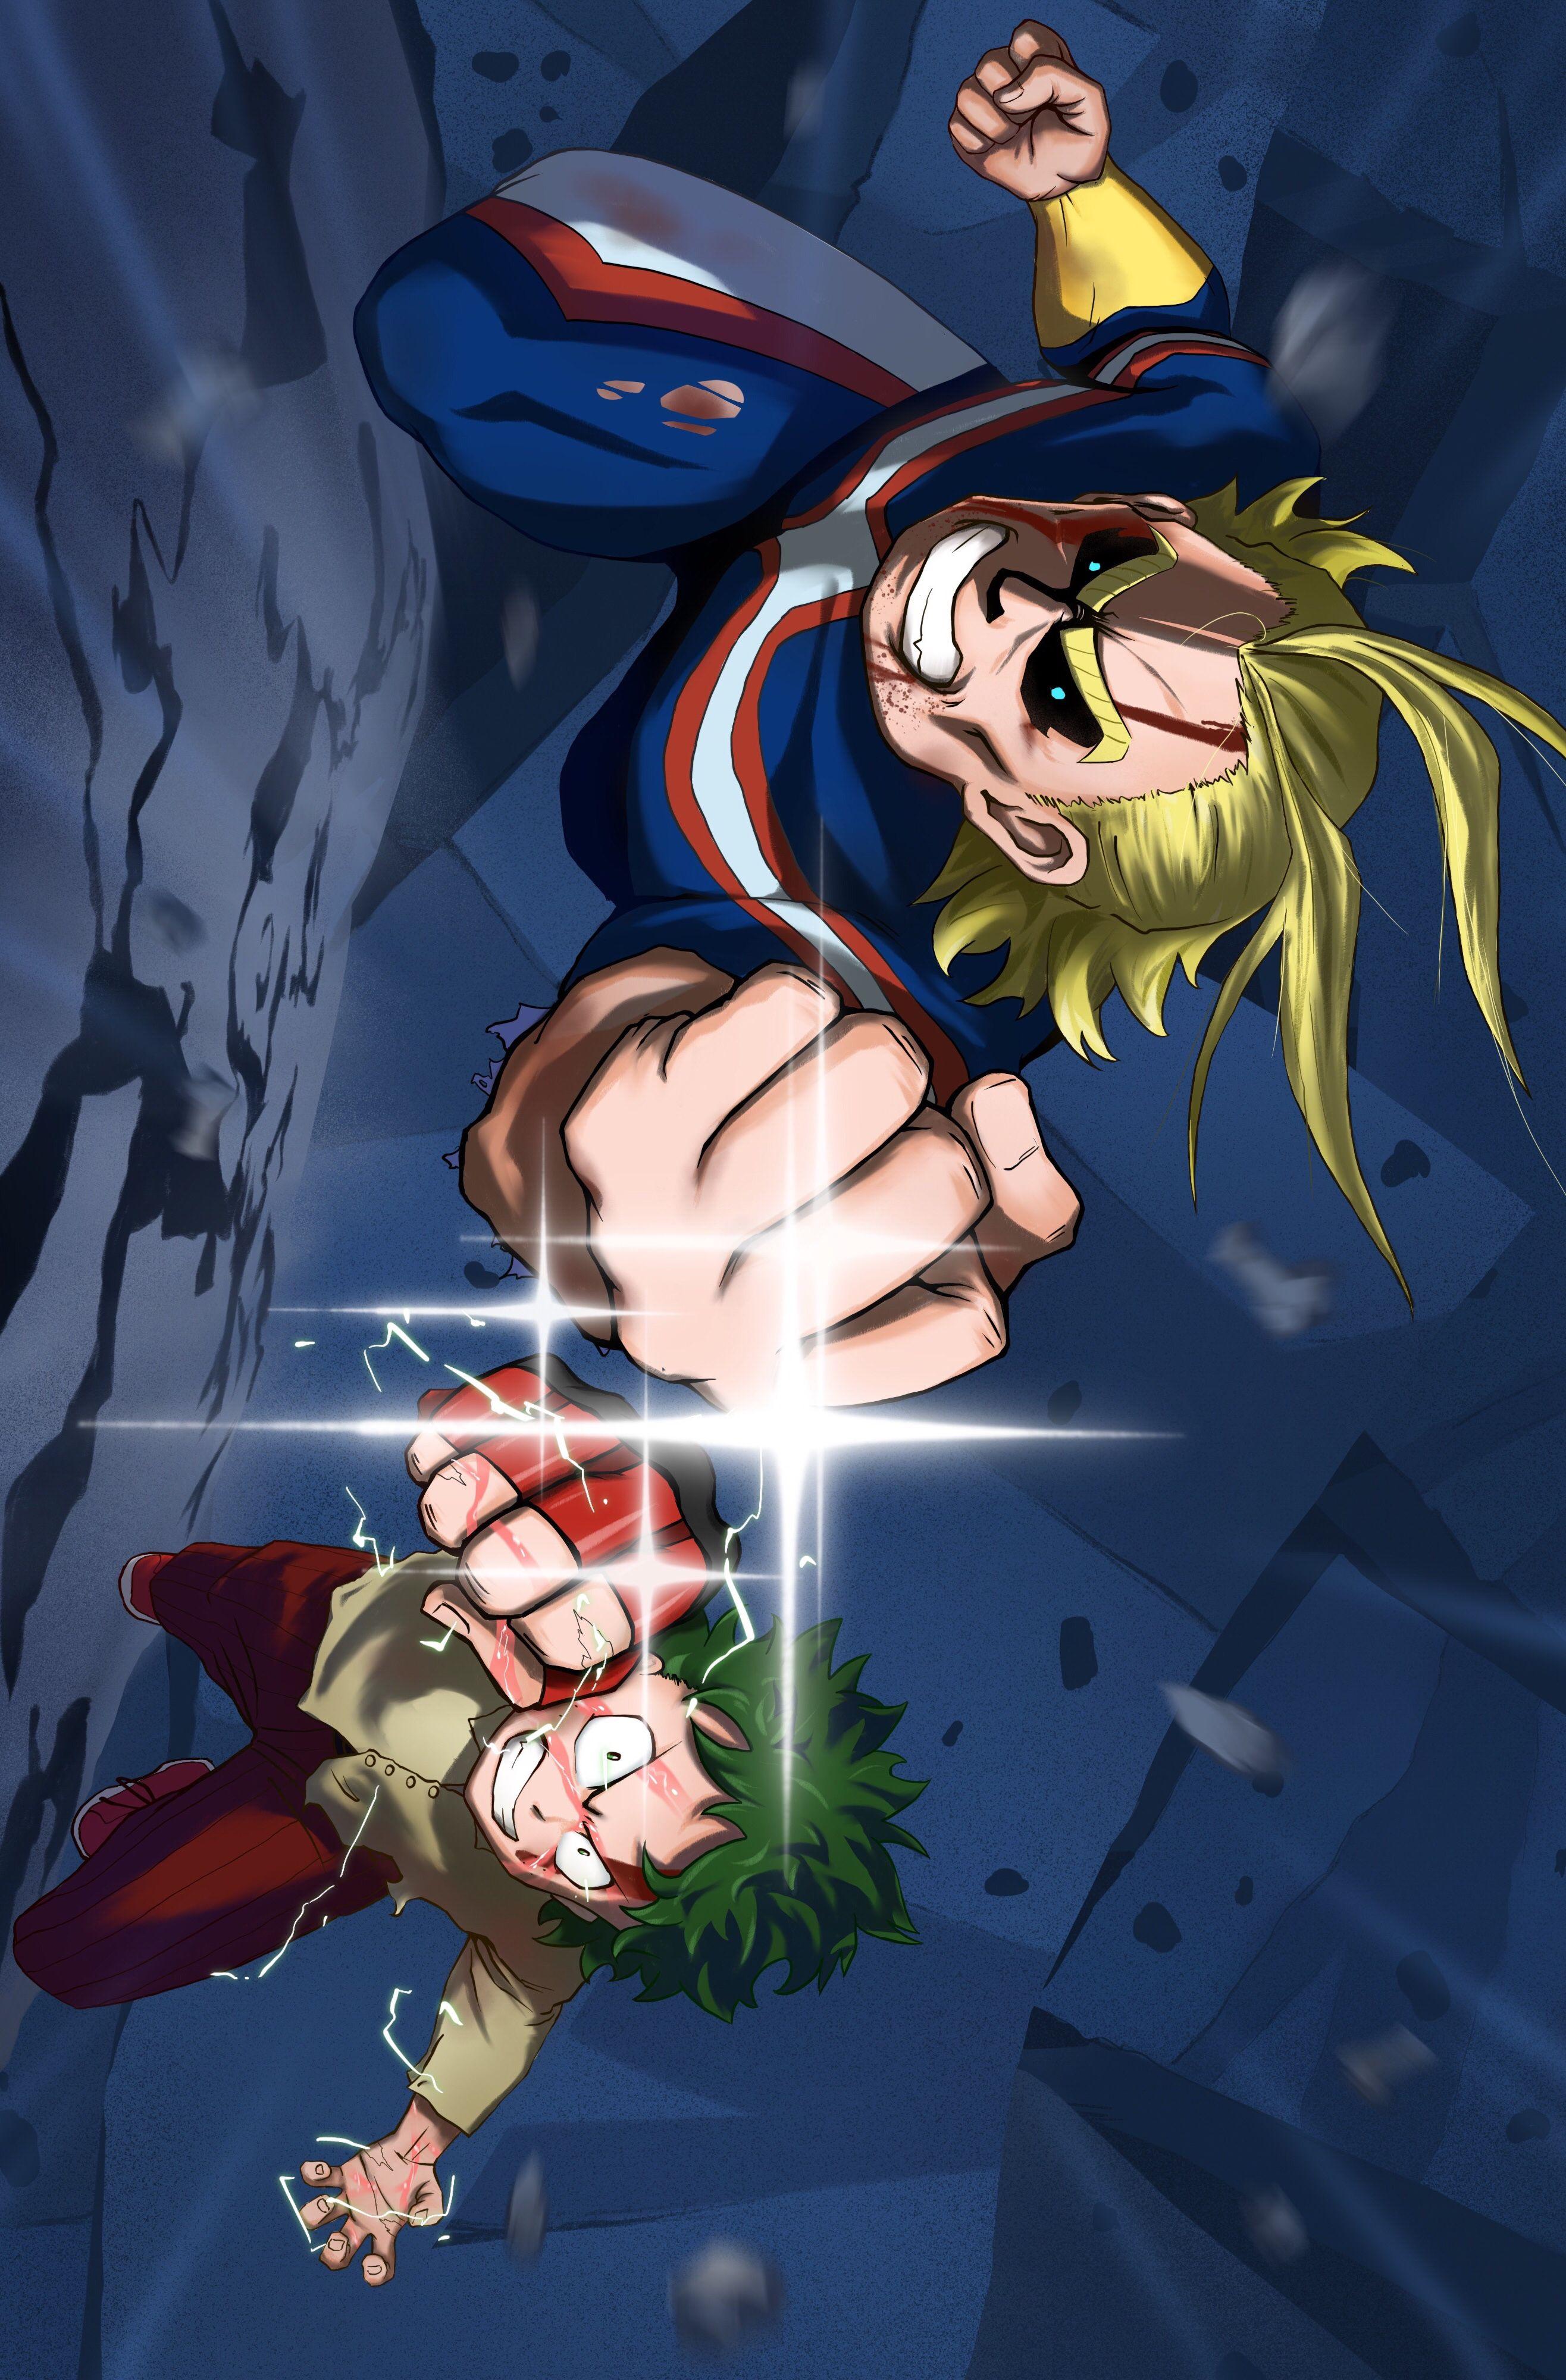 Poweeeer Hero Wallpaper My Hero Anime